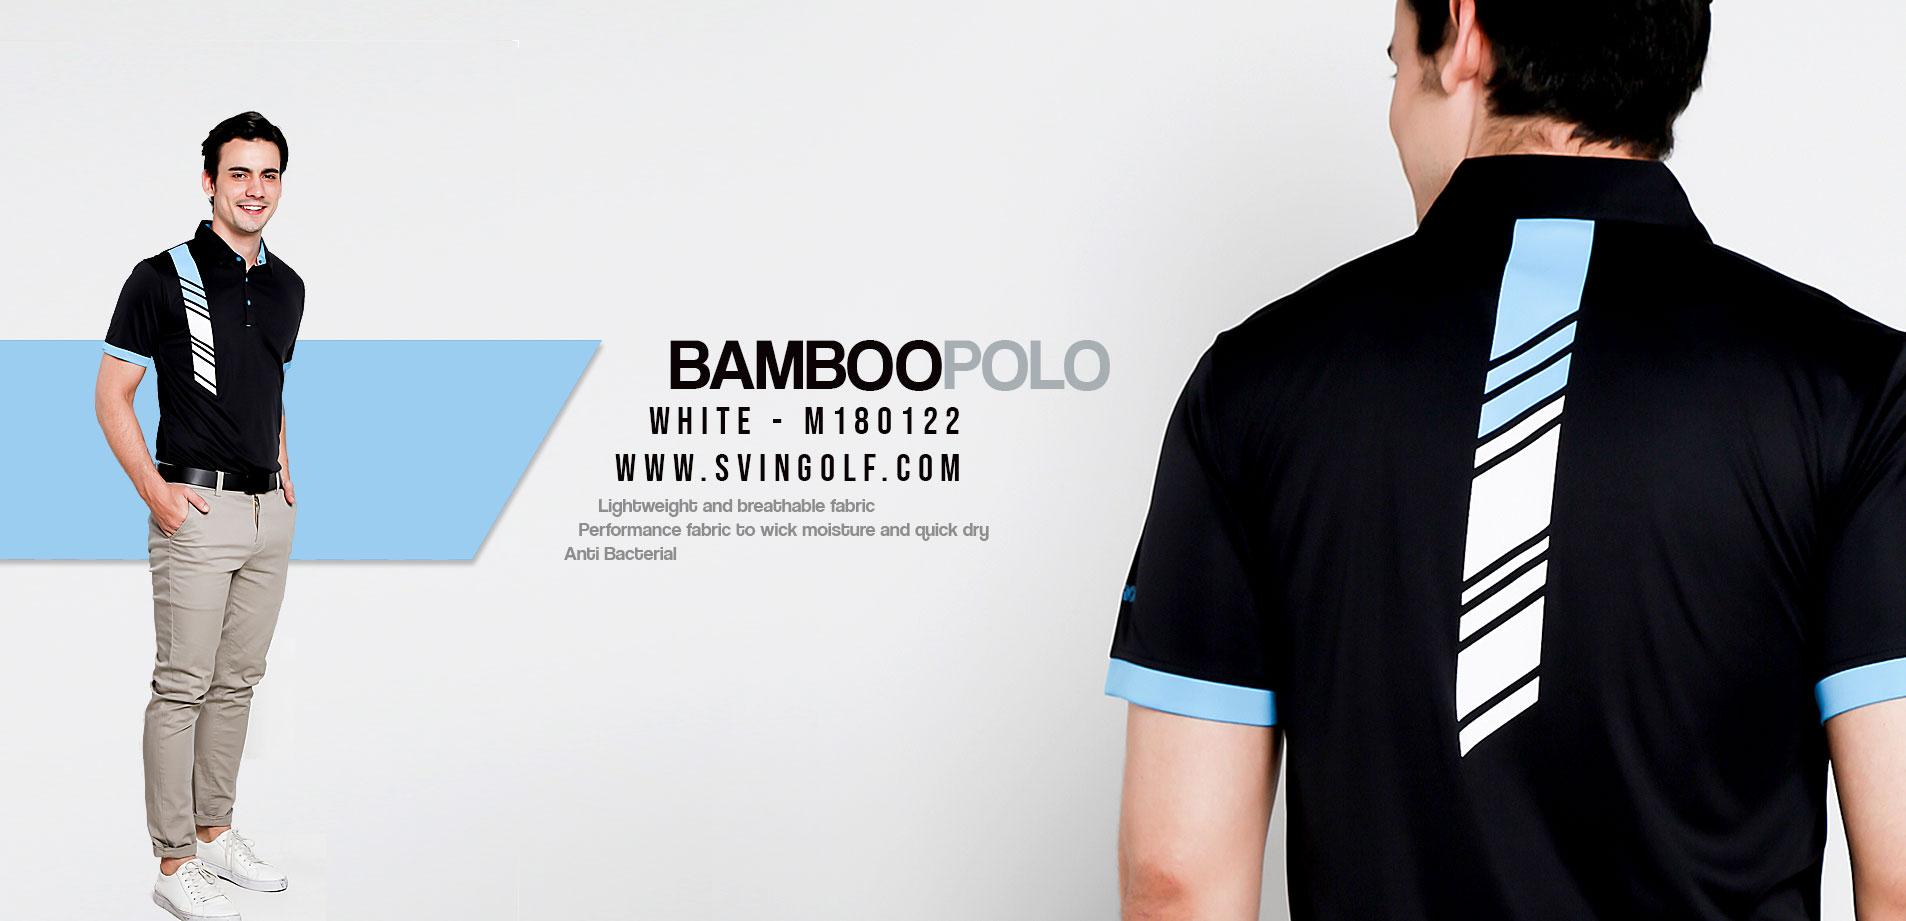 BAMBOO POLO